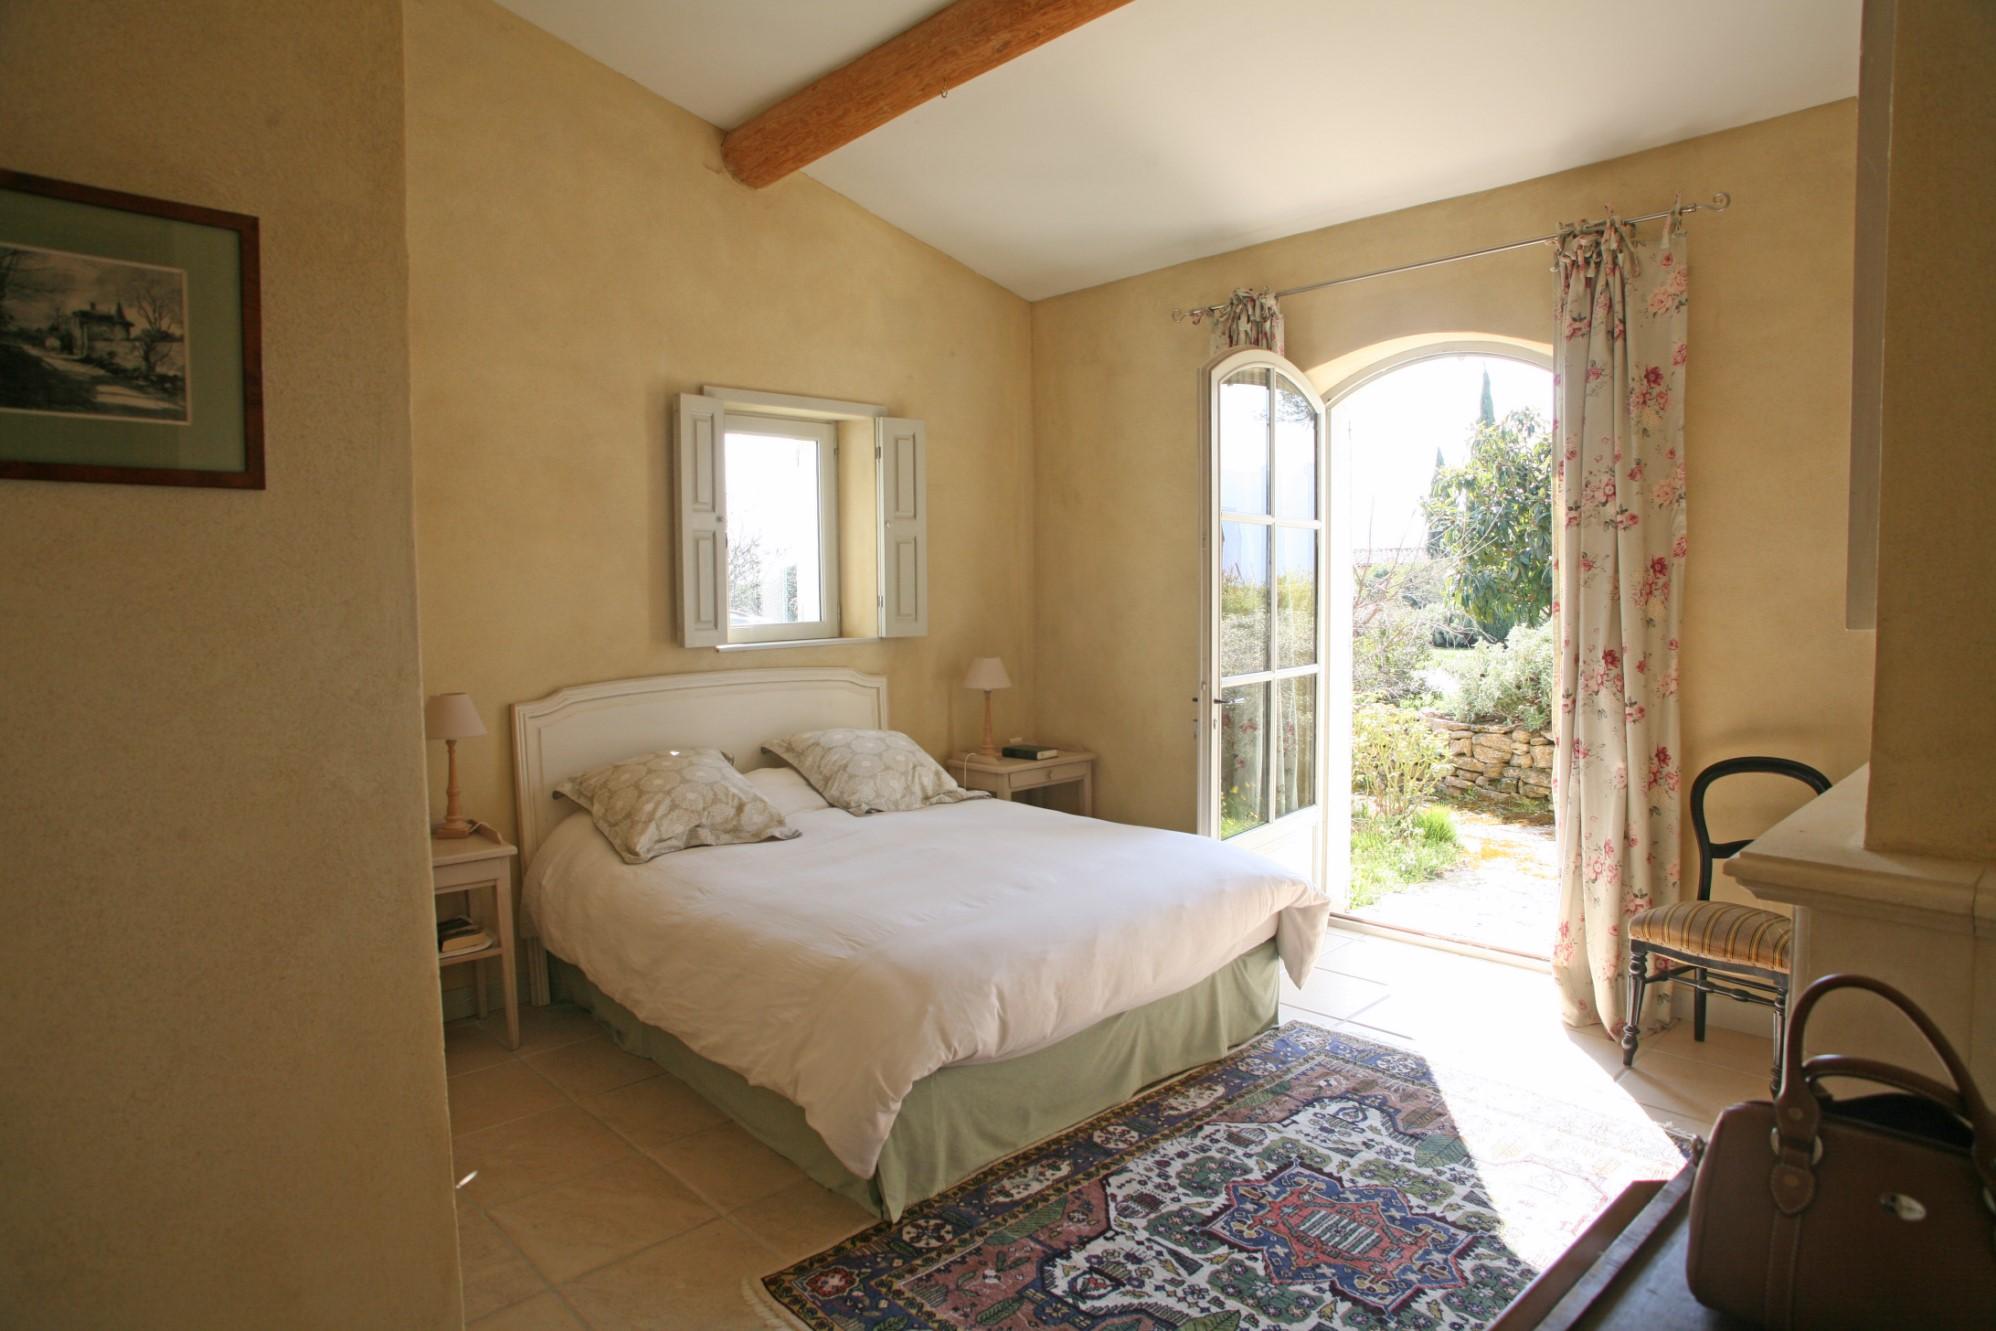 A vendre au coeur du Luberon, maison traditionnelle avec piscine et jolies vues